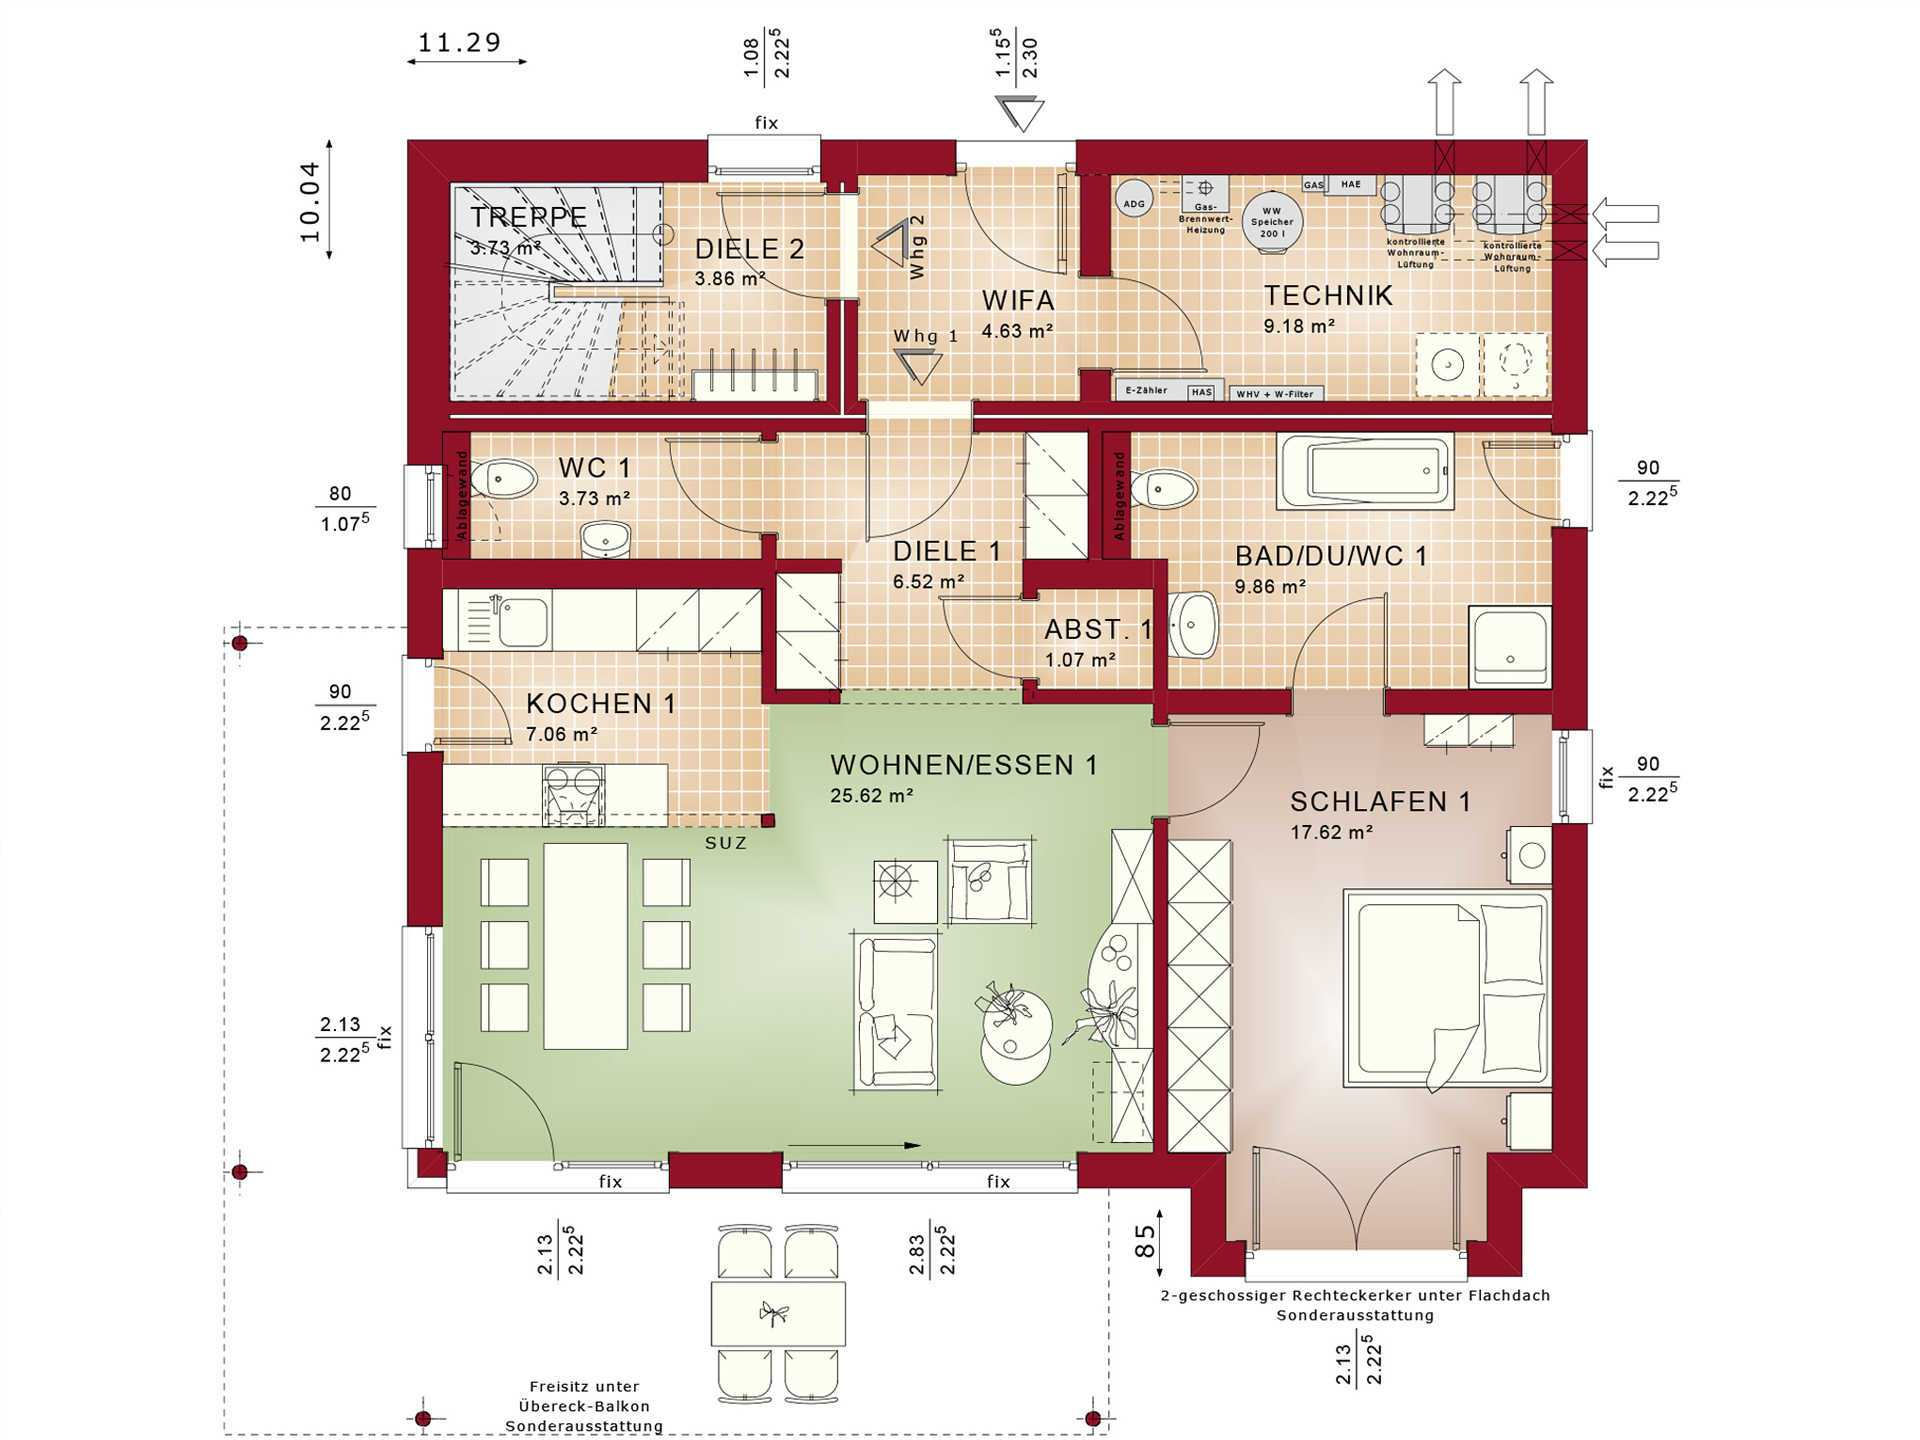 Mehrgenerationenhaus celebration 275 v3 bien zenker for Mehrfamilienhaus grundriss beispiele